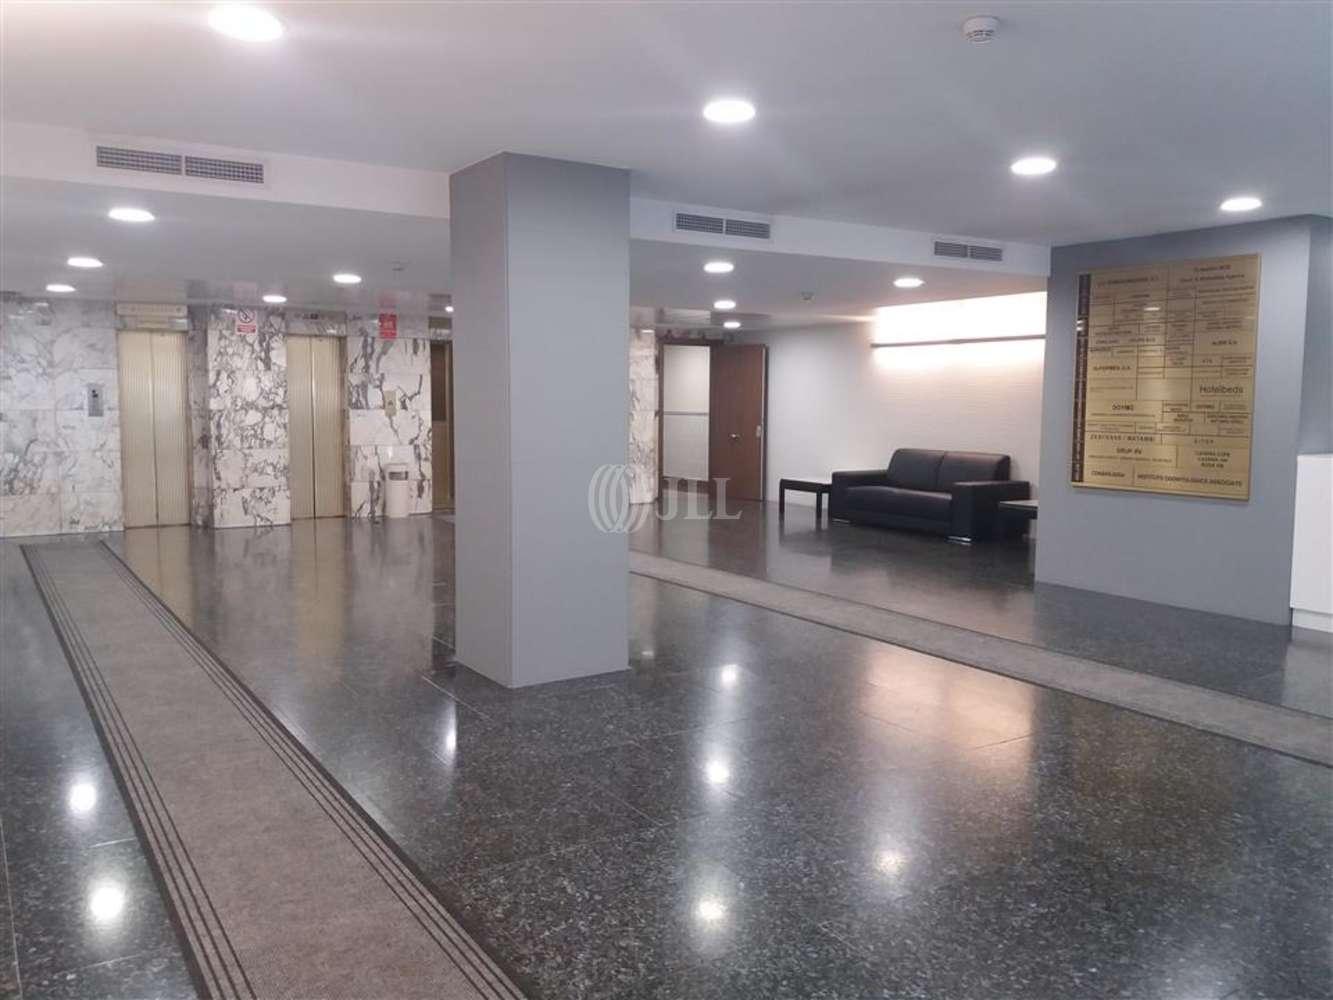 Oficina Barcelona, 08007 - DIPUTACIO 238 - 8595